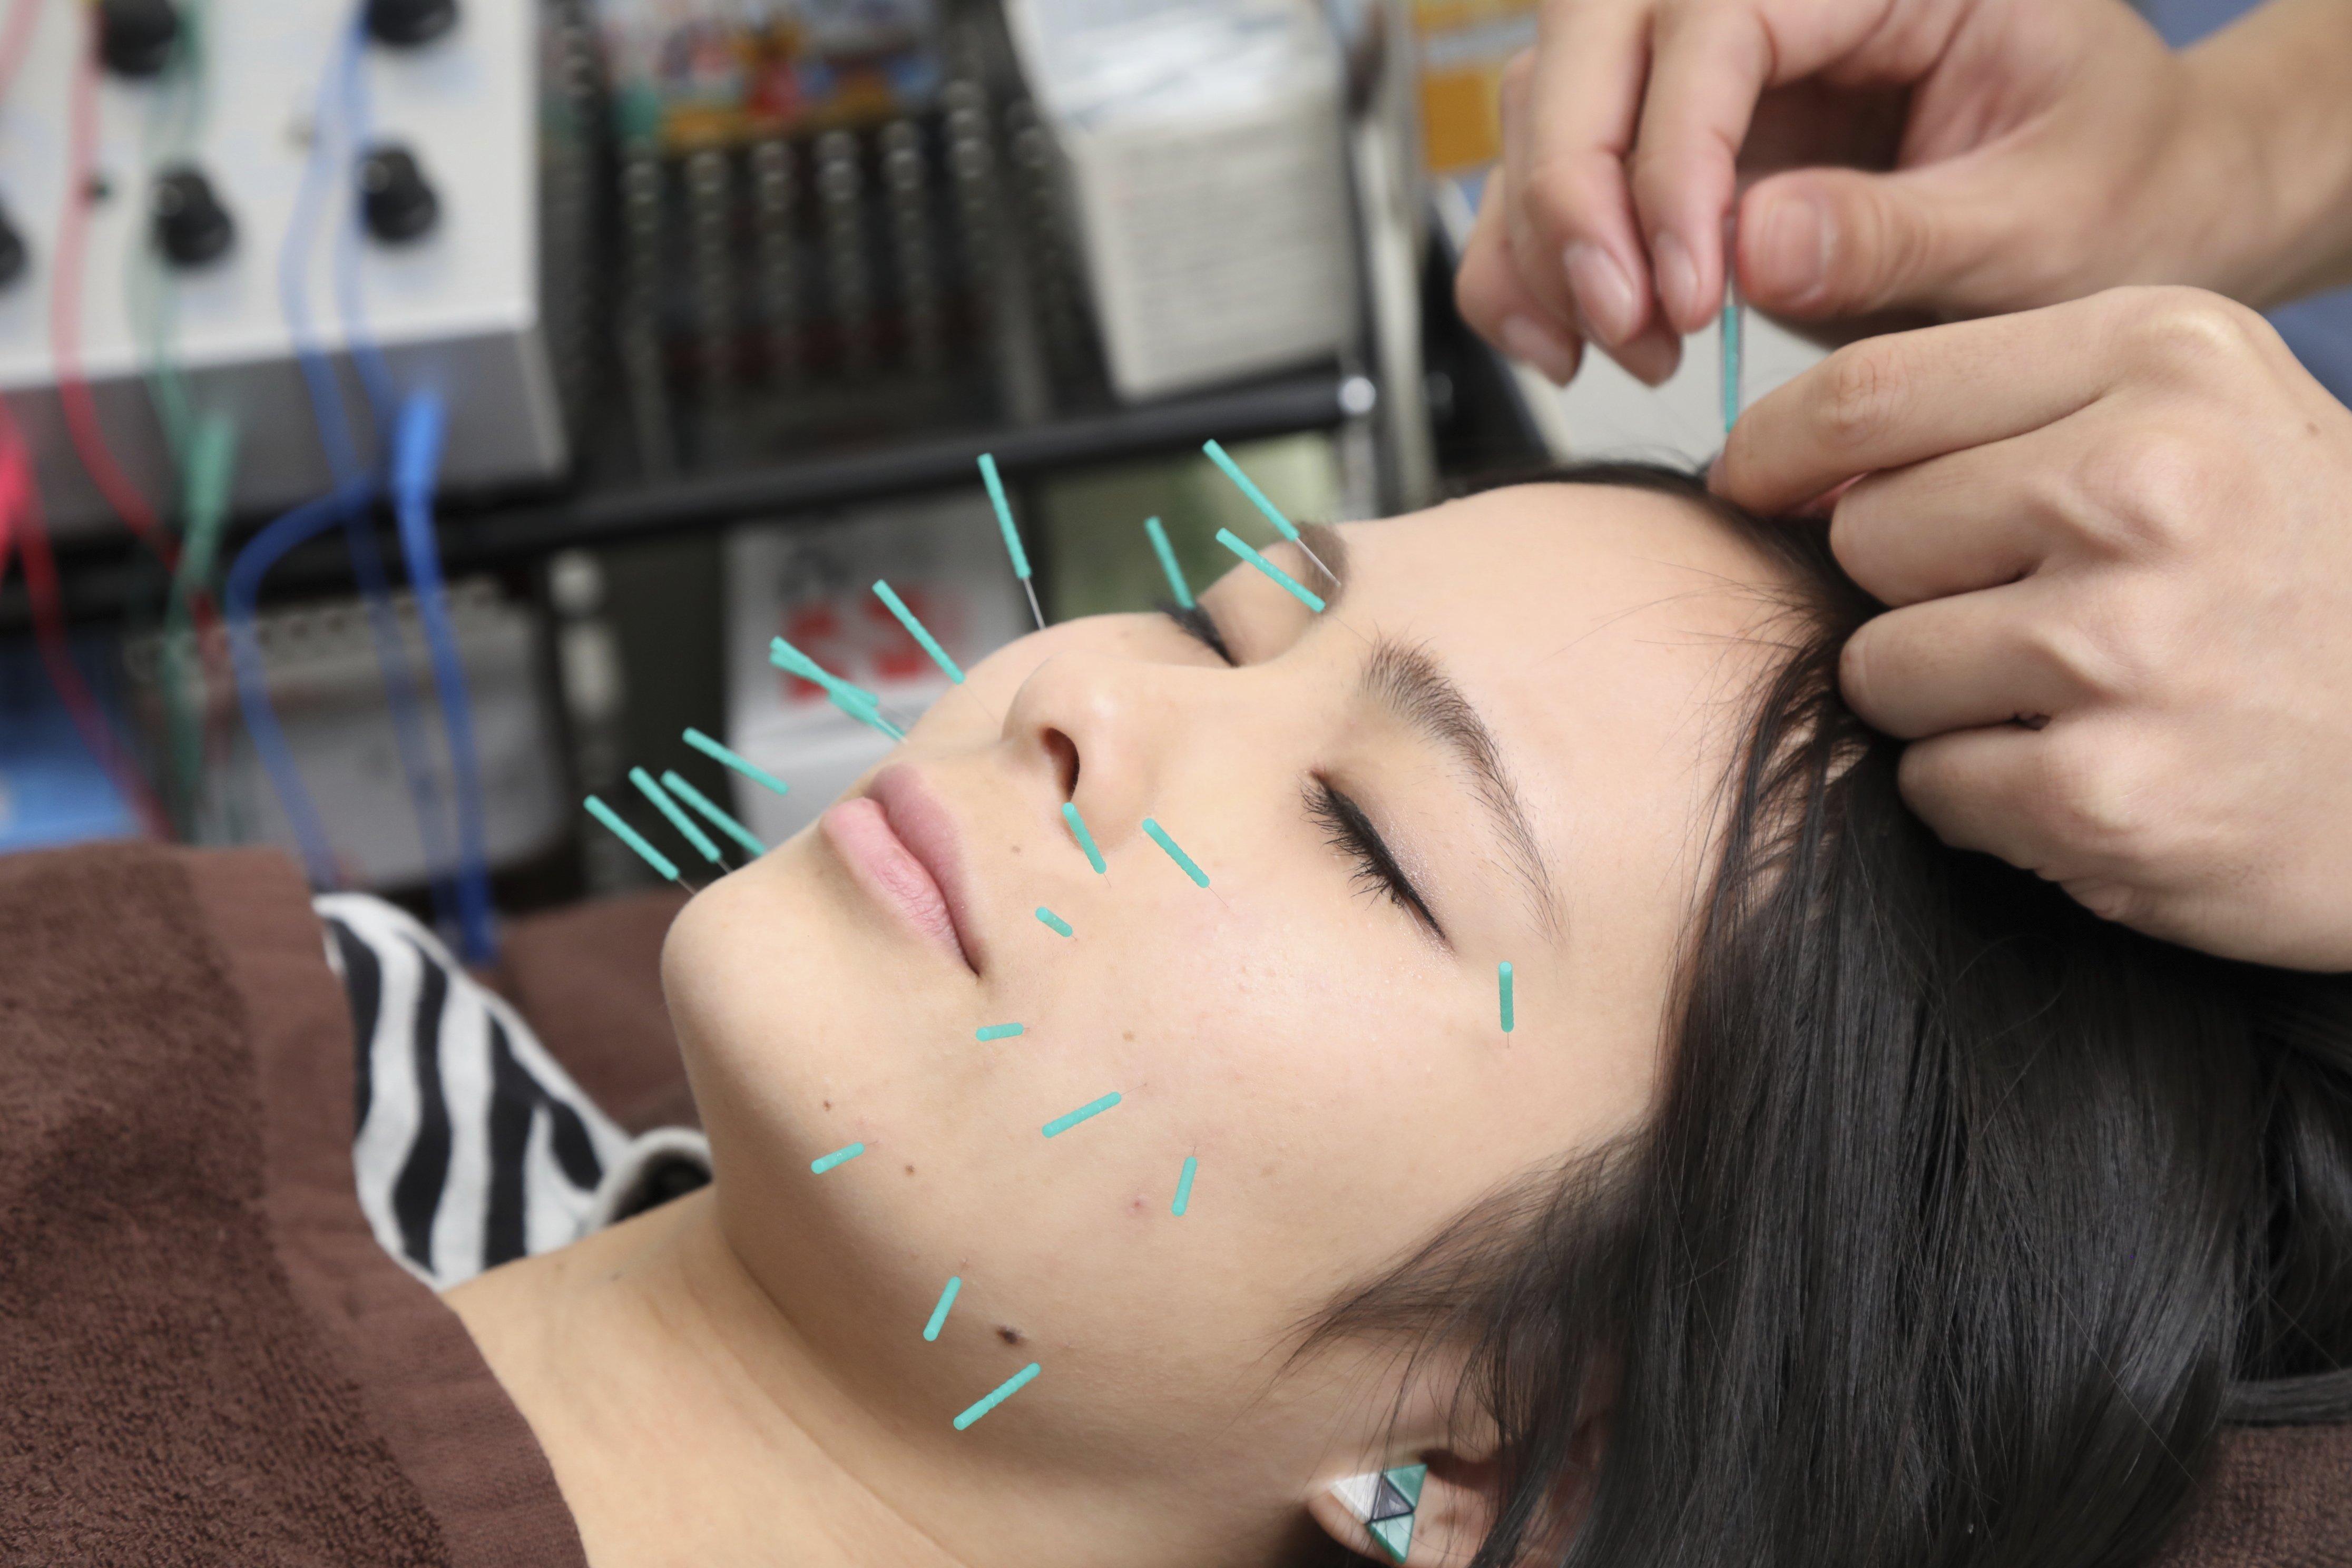 美容鍼+ボディメンテナンス90分 しわやたるみの改善。小顔リフトアップに最適な美容鍼をボディメンテナンスとセットでより効果を引き出します。のイメージその4